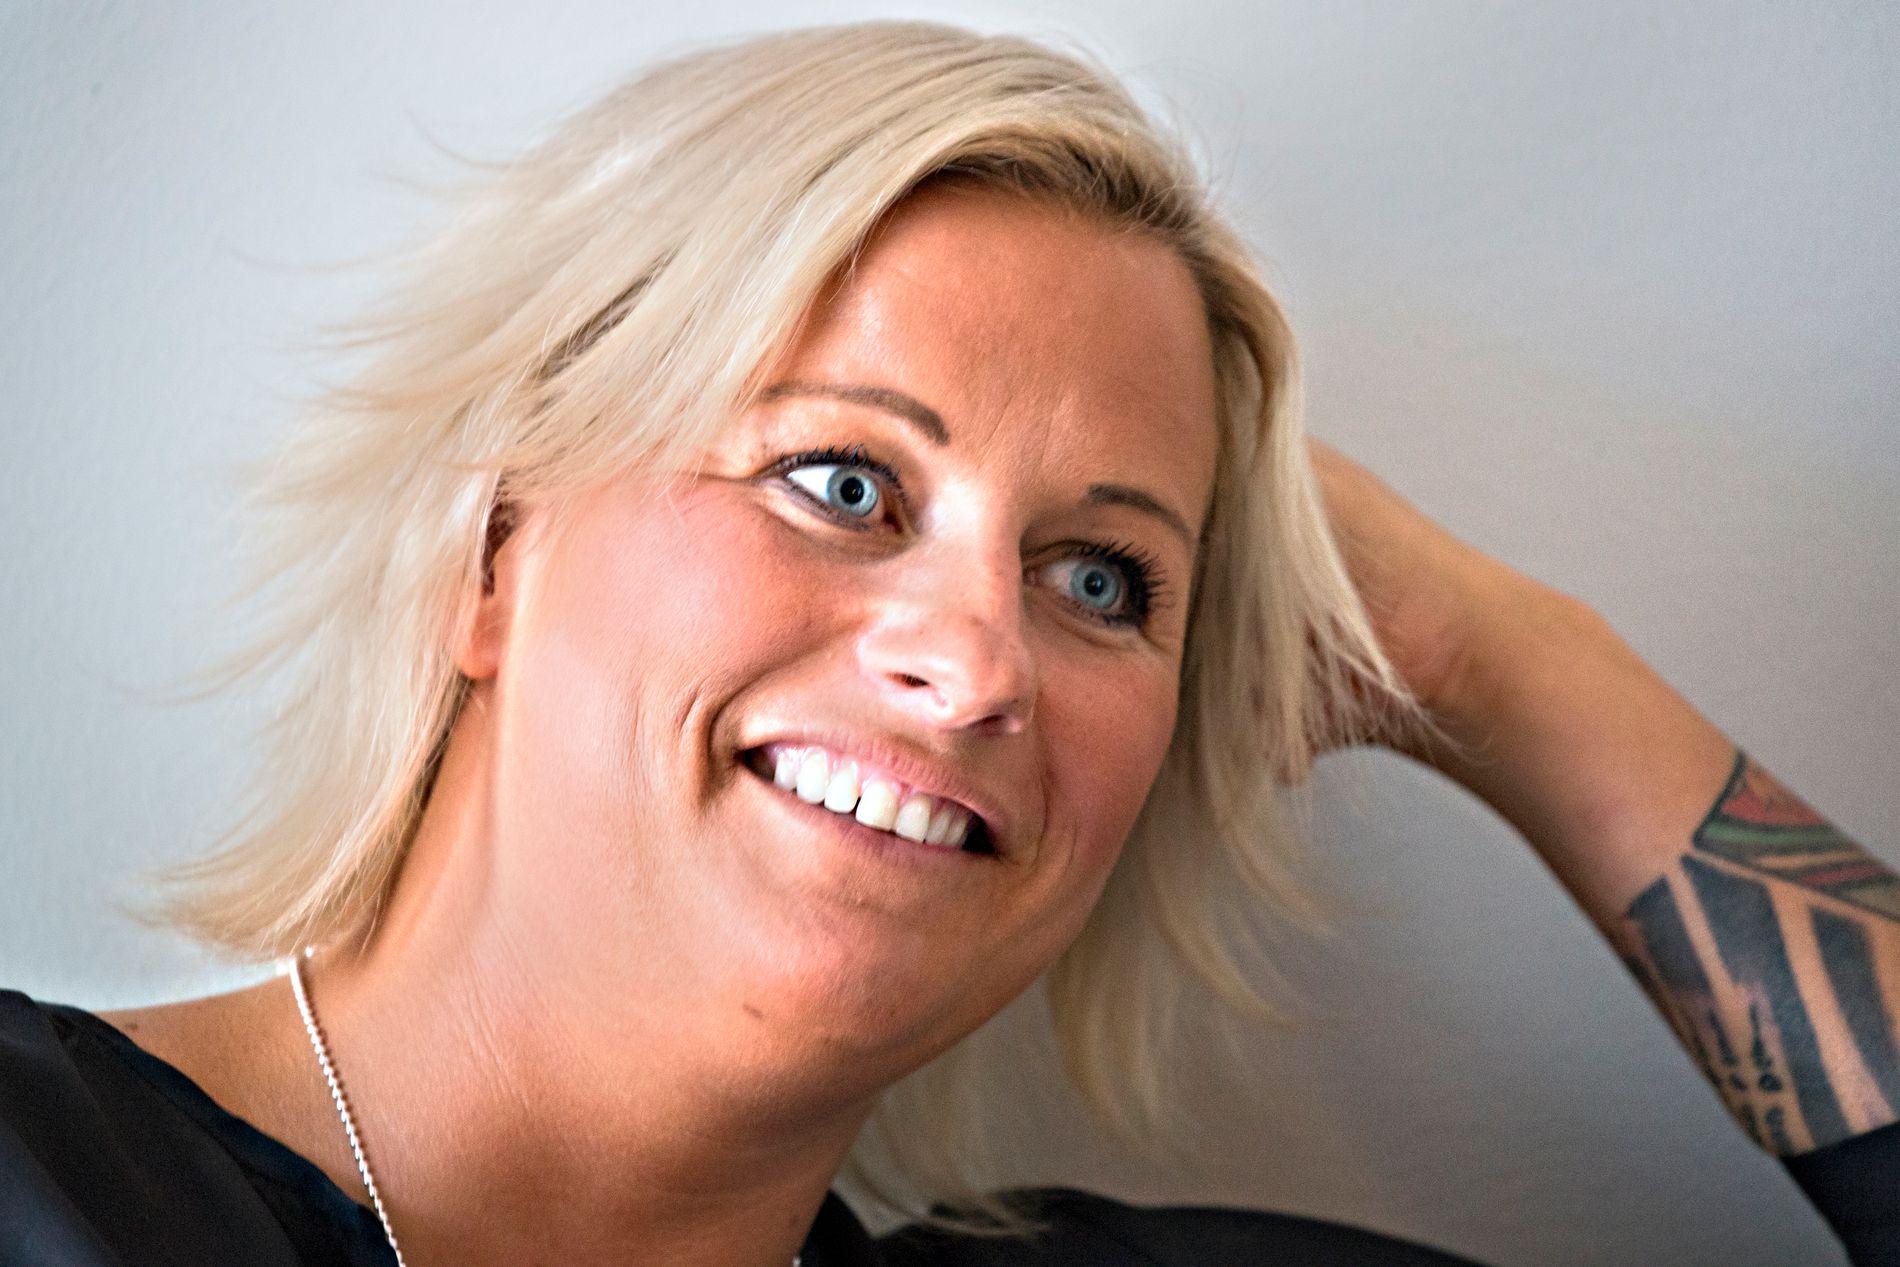 DØD: Vibeke Skofterud døde etter en vannscooter-ulykke søndag 29. juli 2018. Her fotografert i 2015 etter at hun la opp som langrennsutøver.